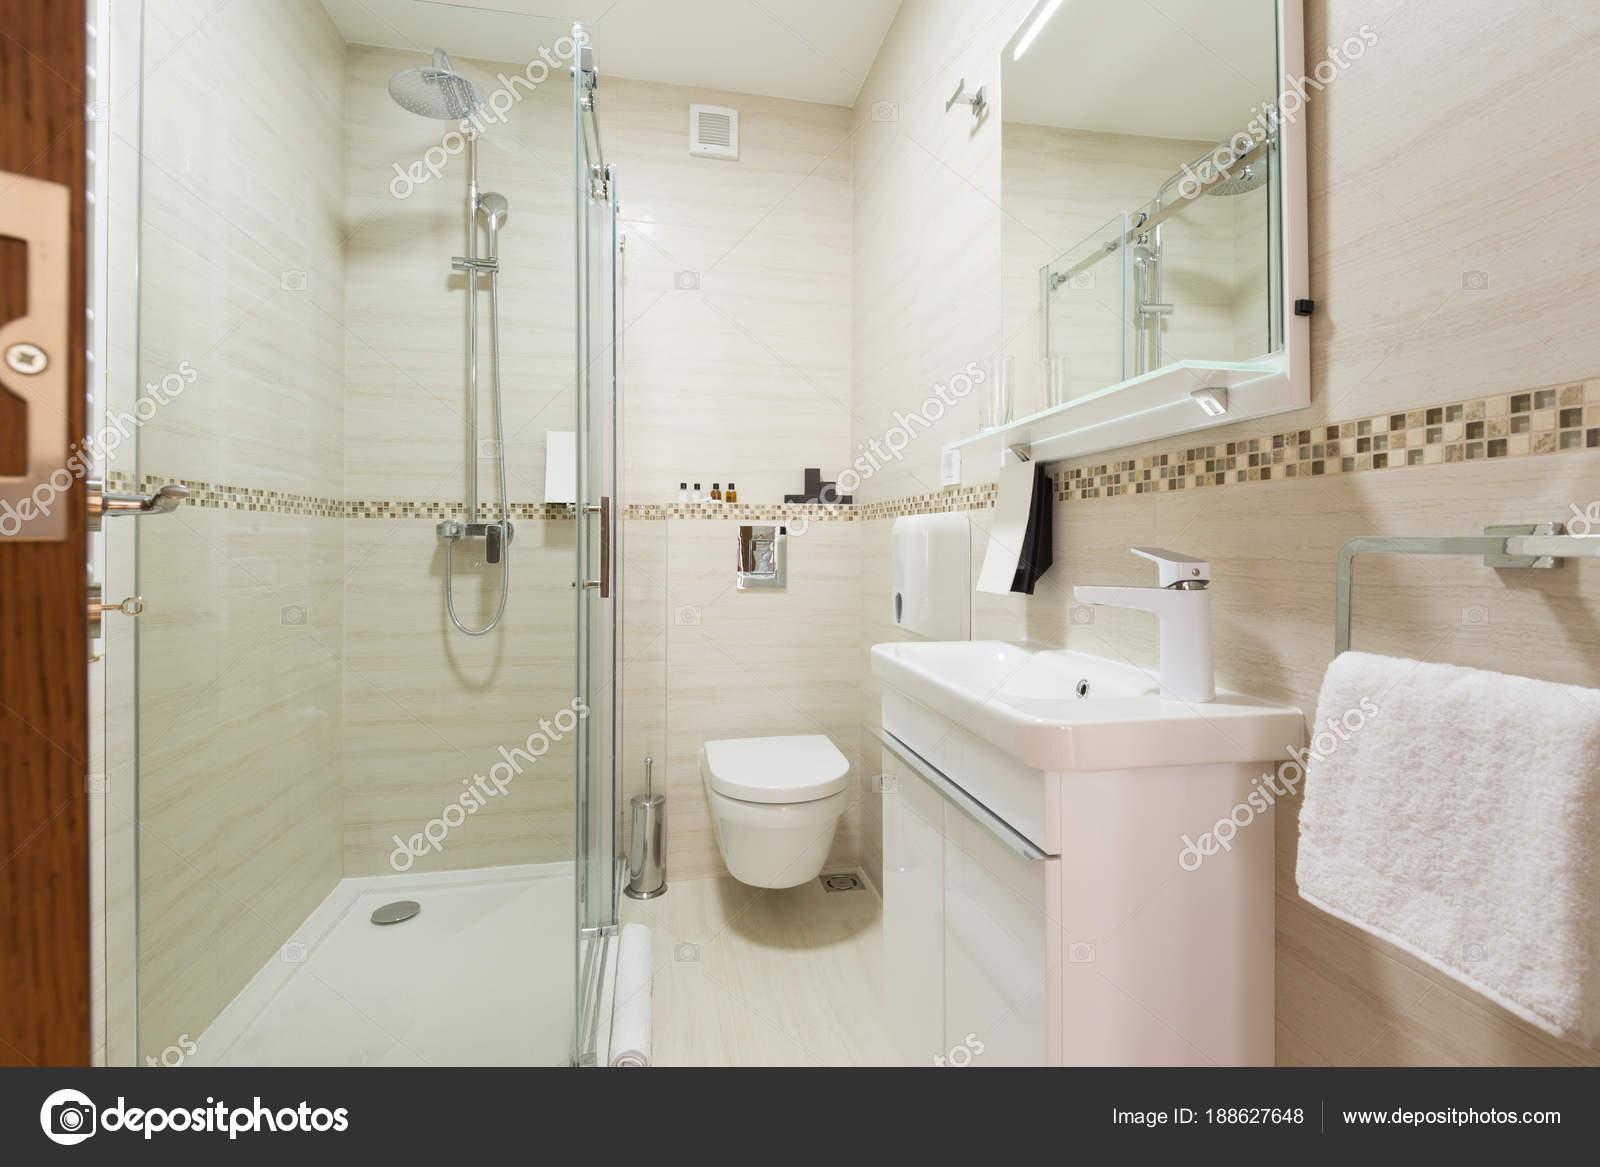 93601d83ea Interni di un bagno con cabina doccia — Foto Stock © rilueda #188627648